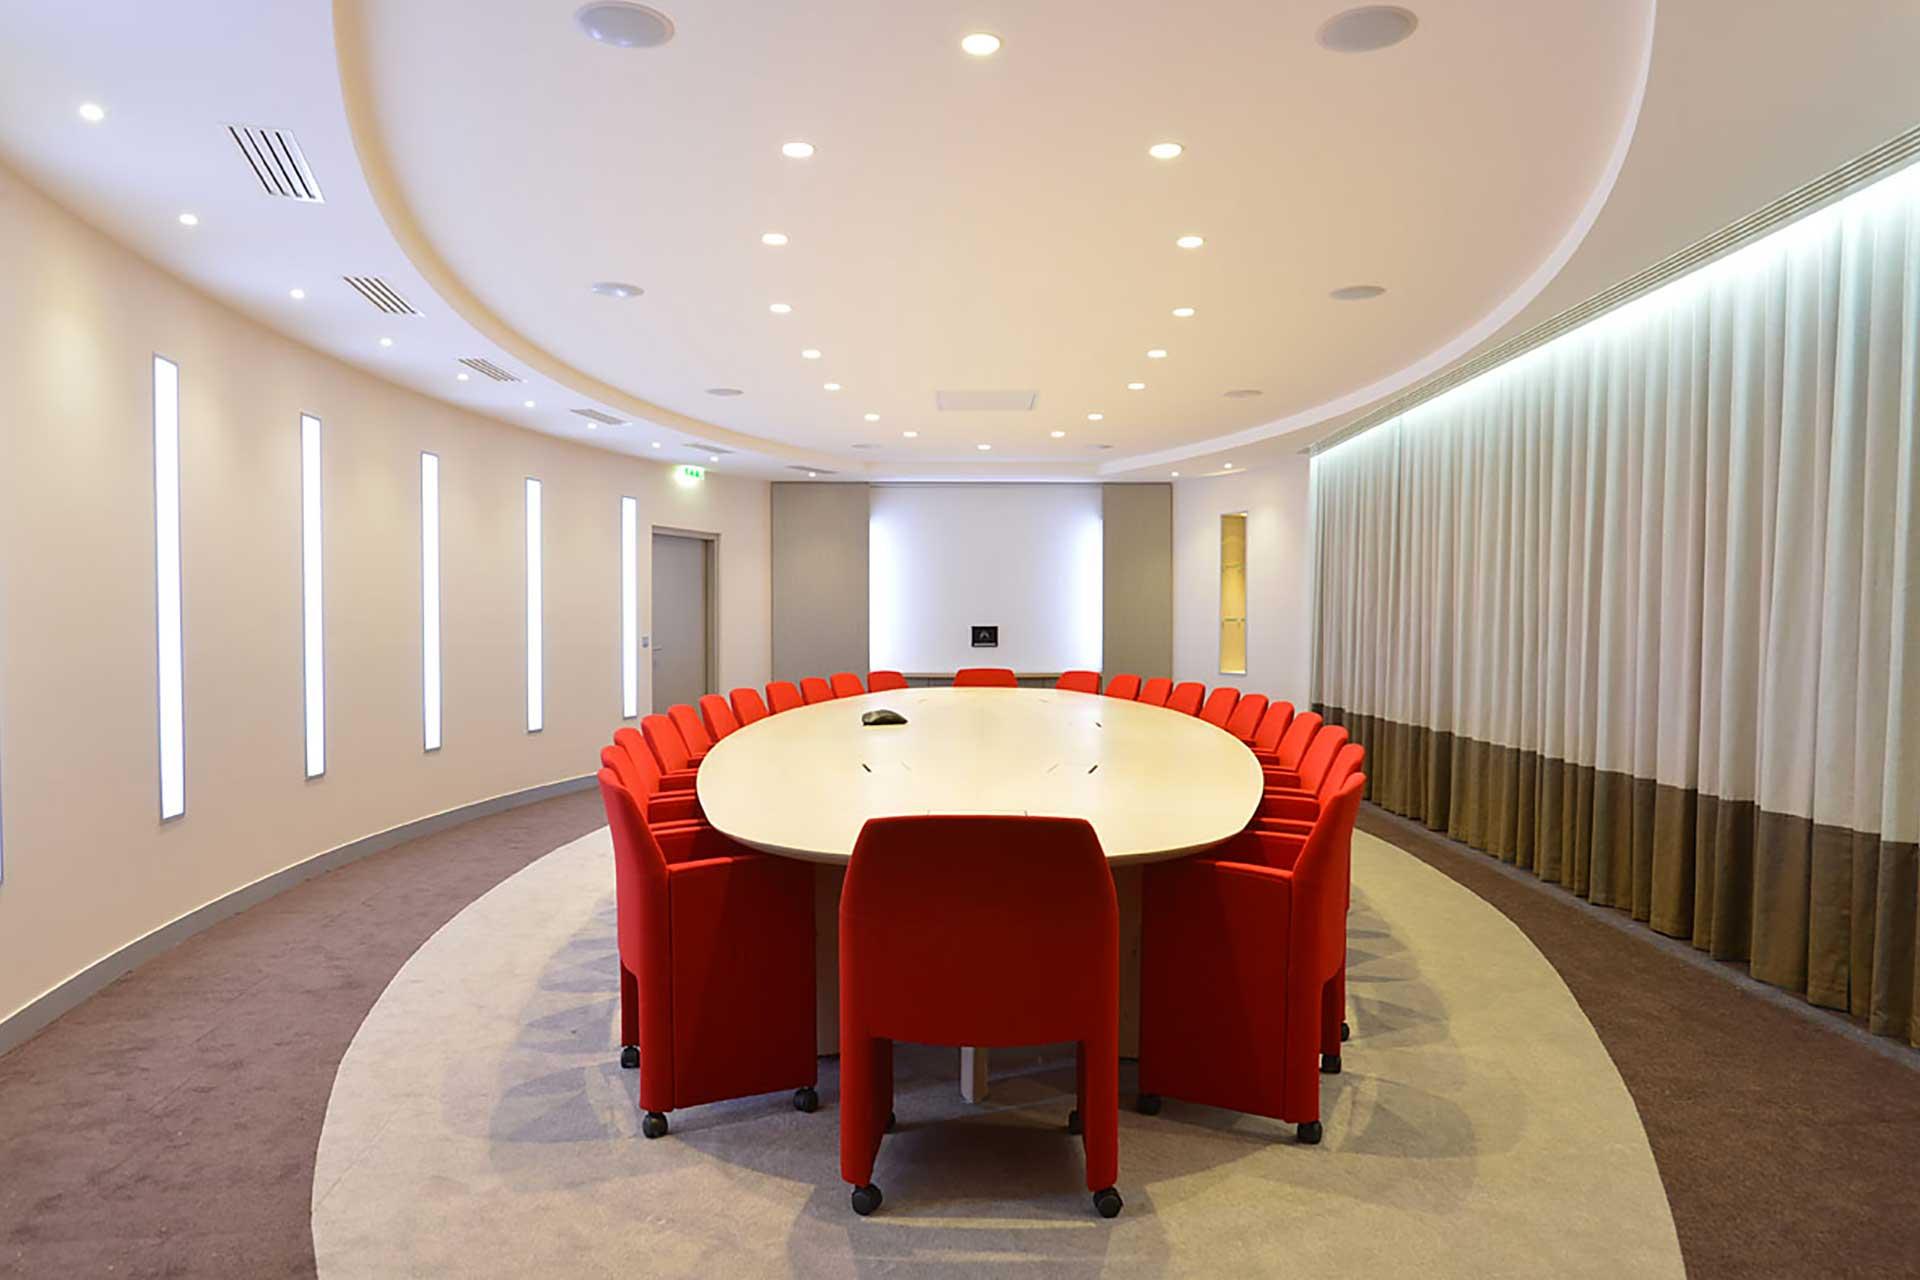 Transdev Agencement des salles de réunion